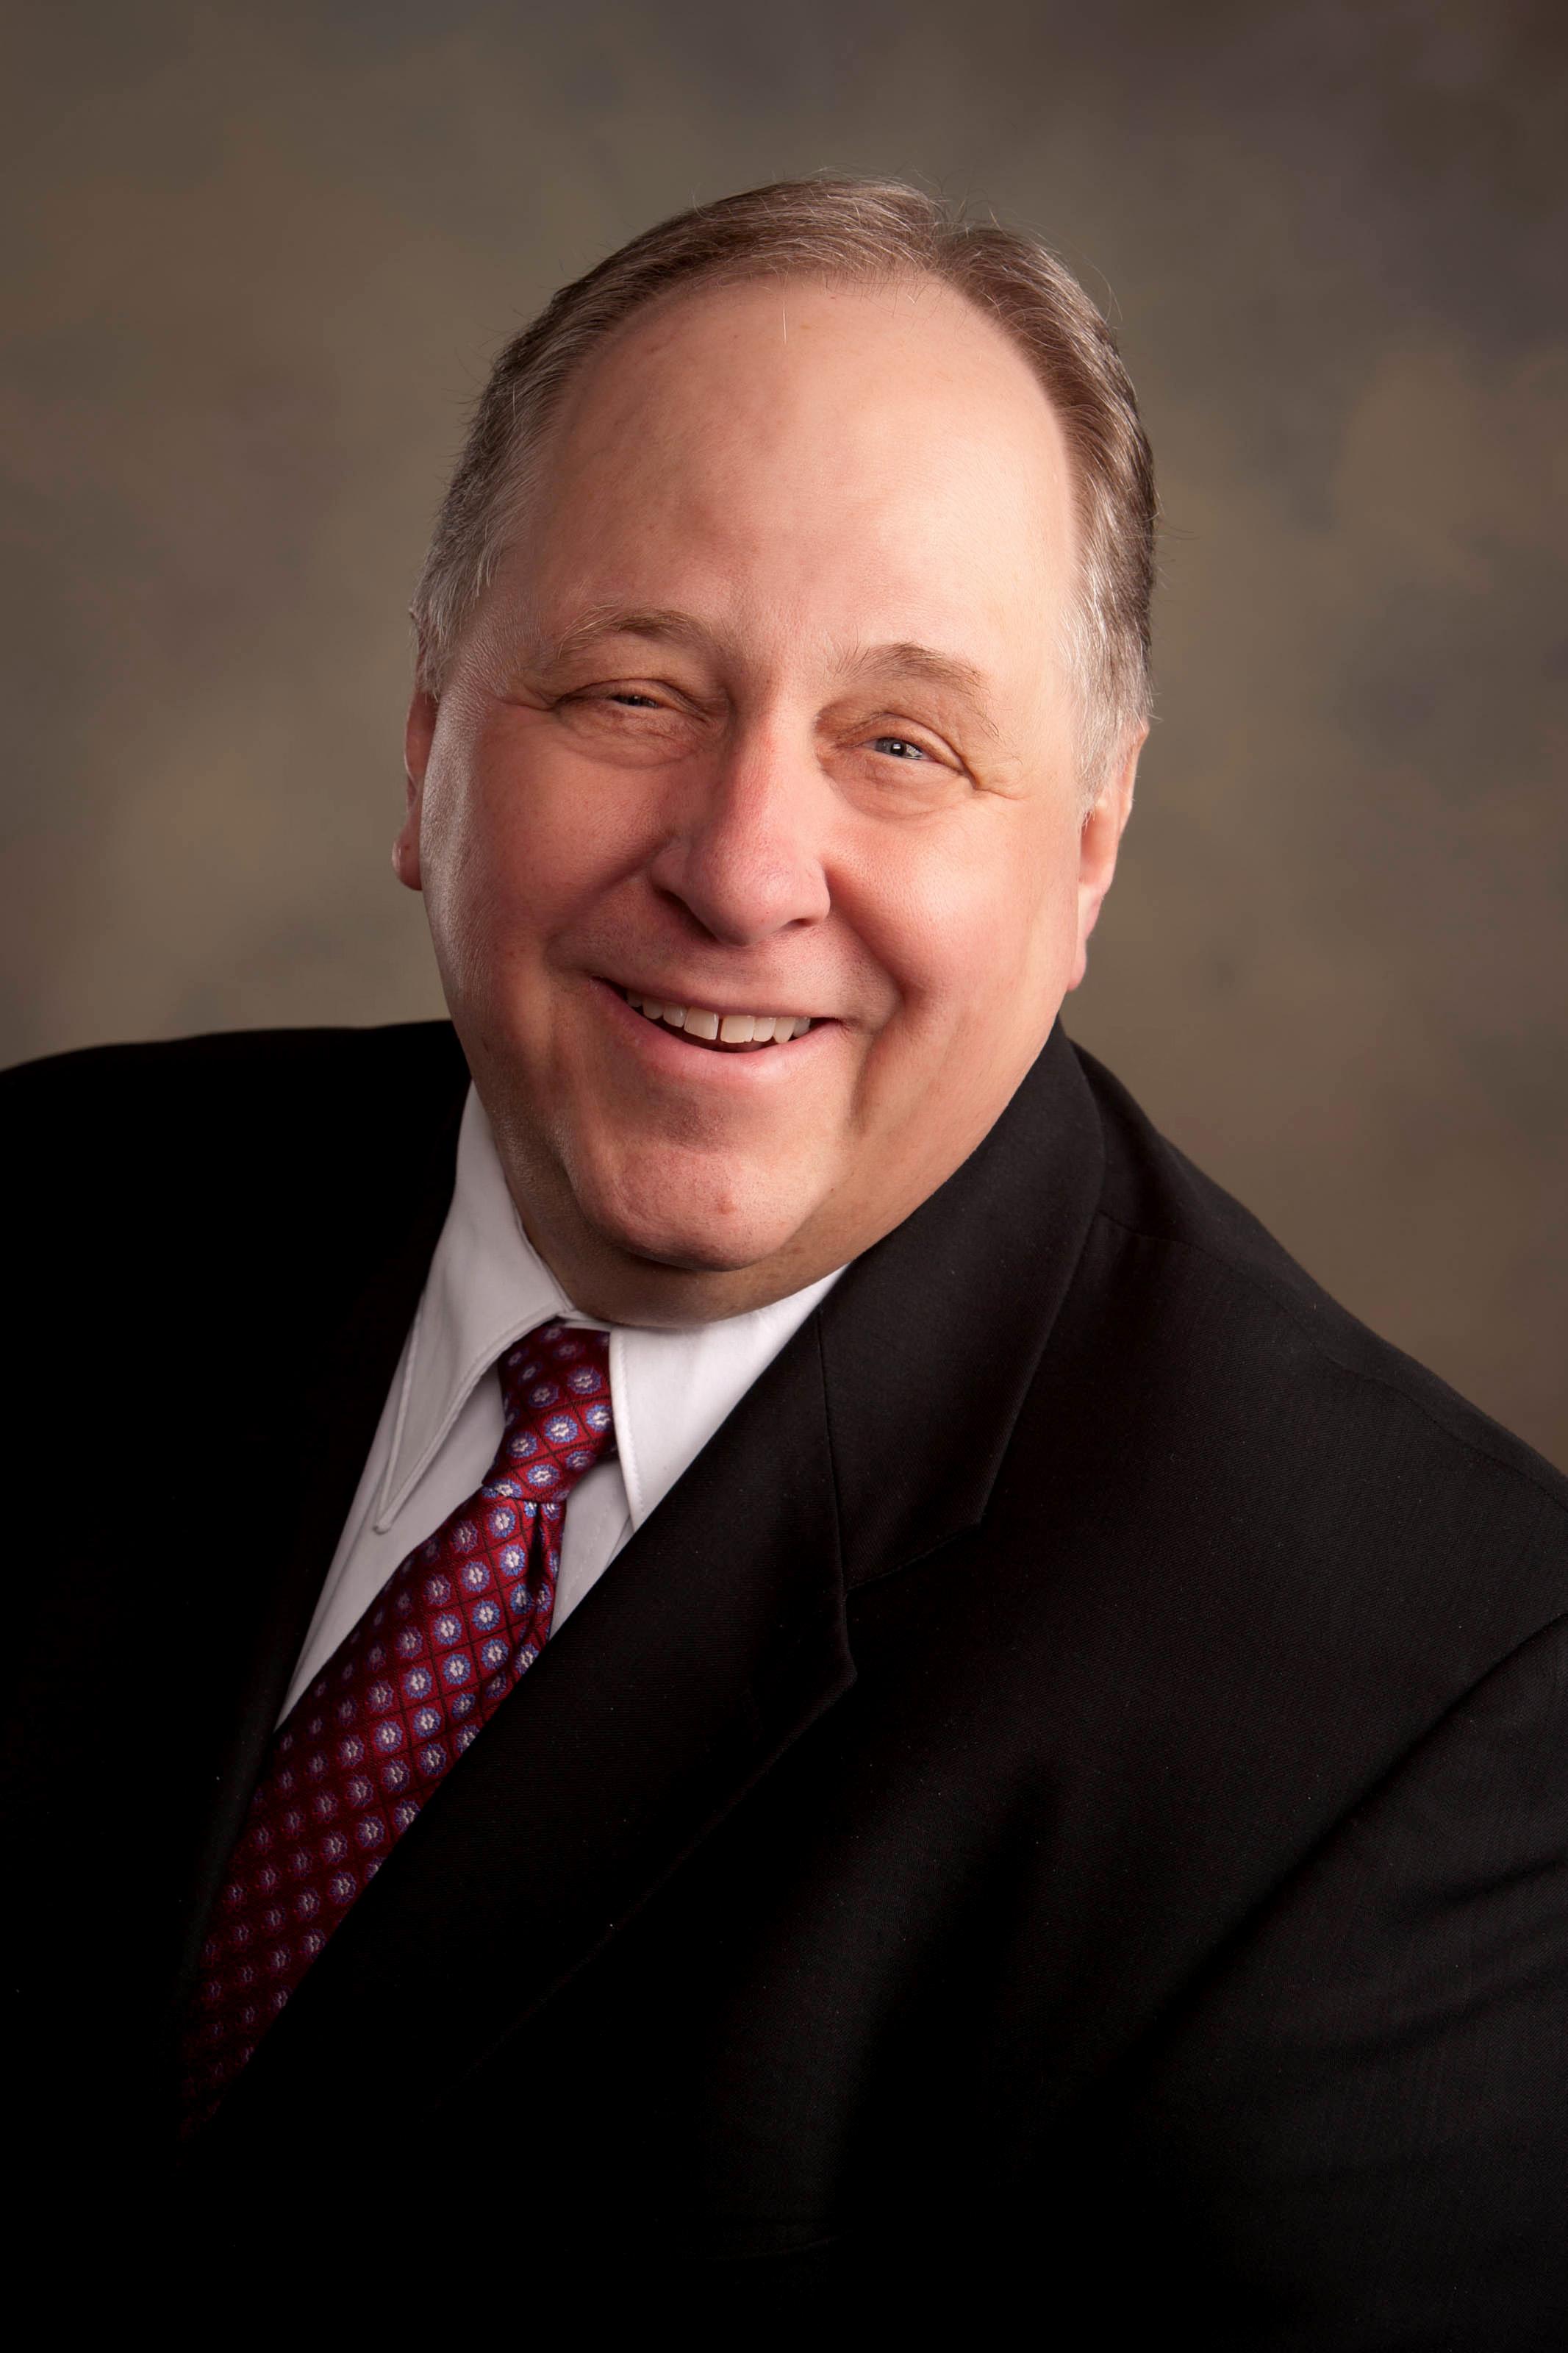 Lawrence D. Stevenson